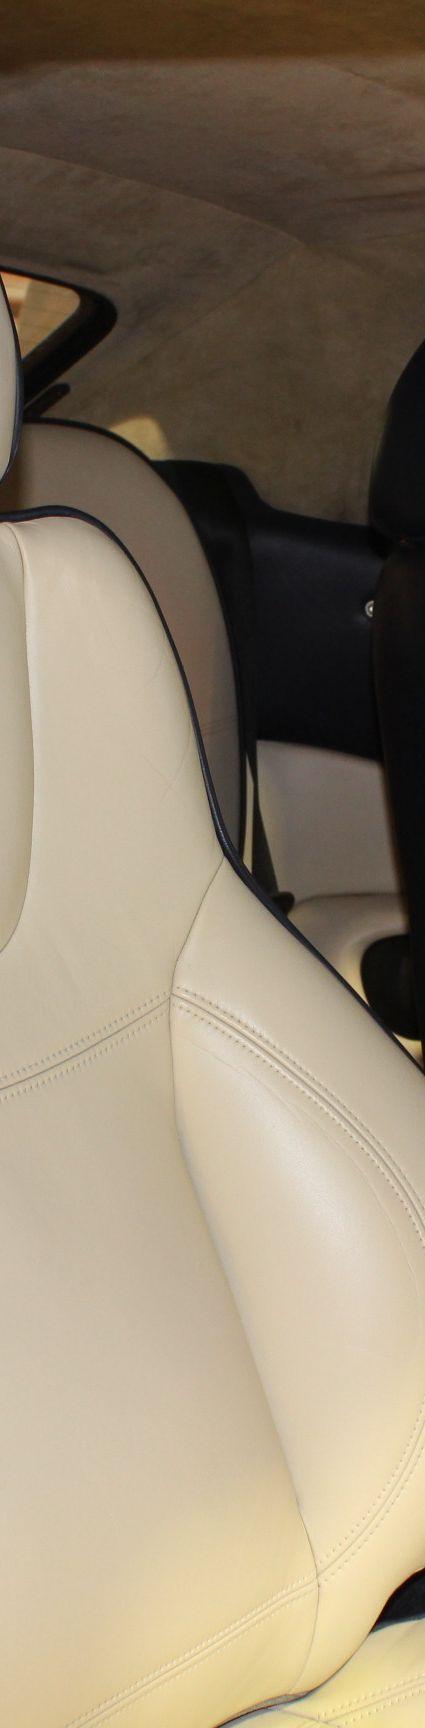 2001 ASTON MARTIN DB7 VANTAGE VOLANTE - for sale in Australia